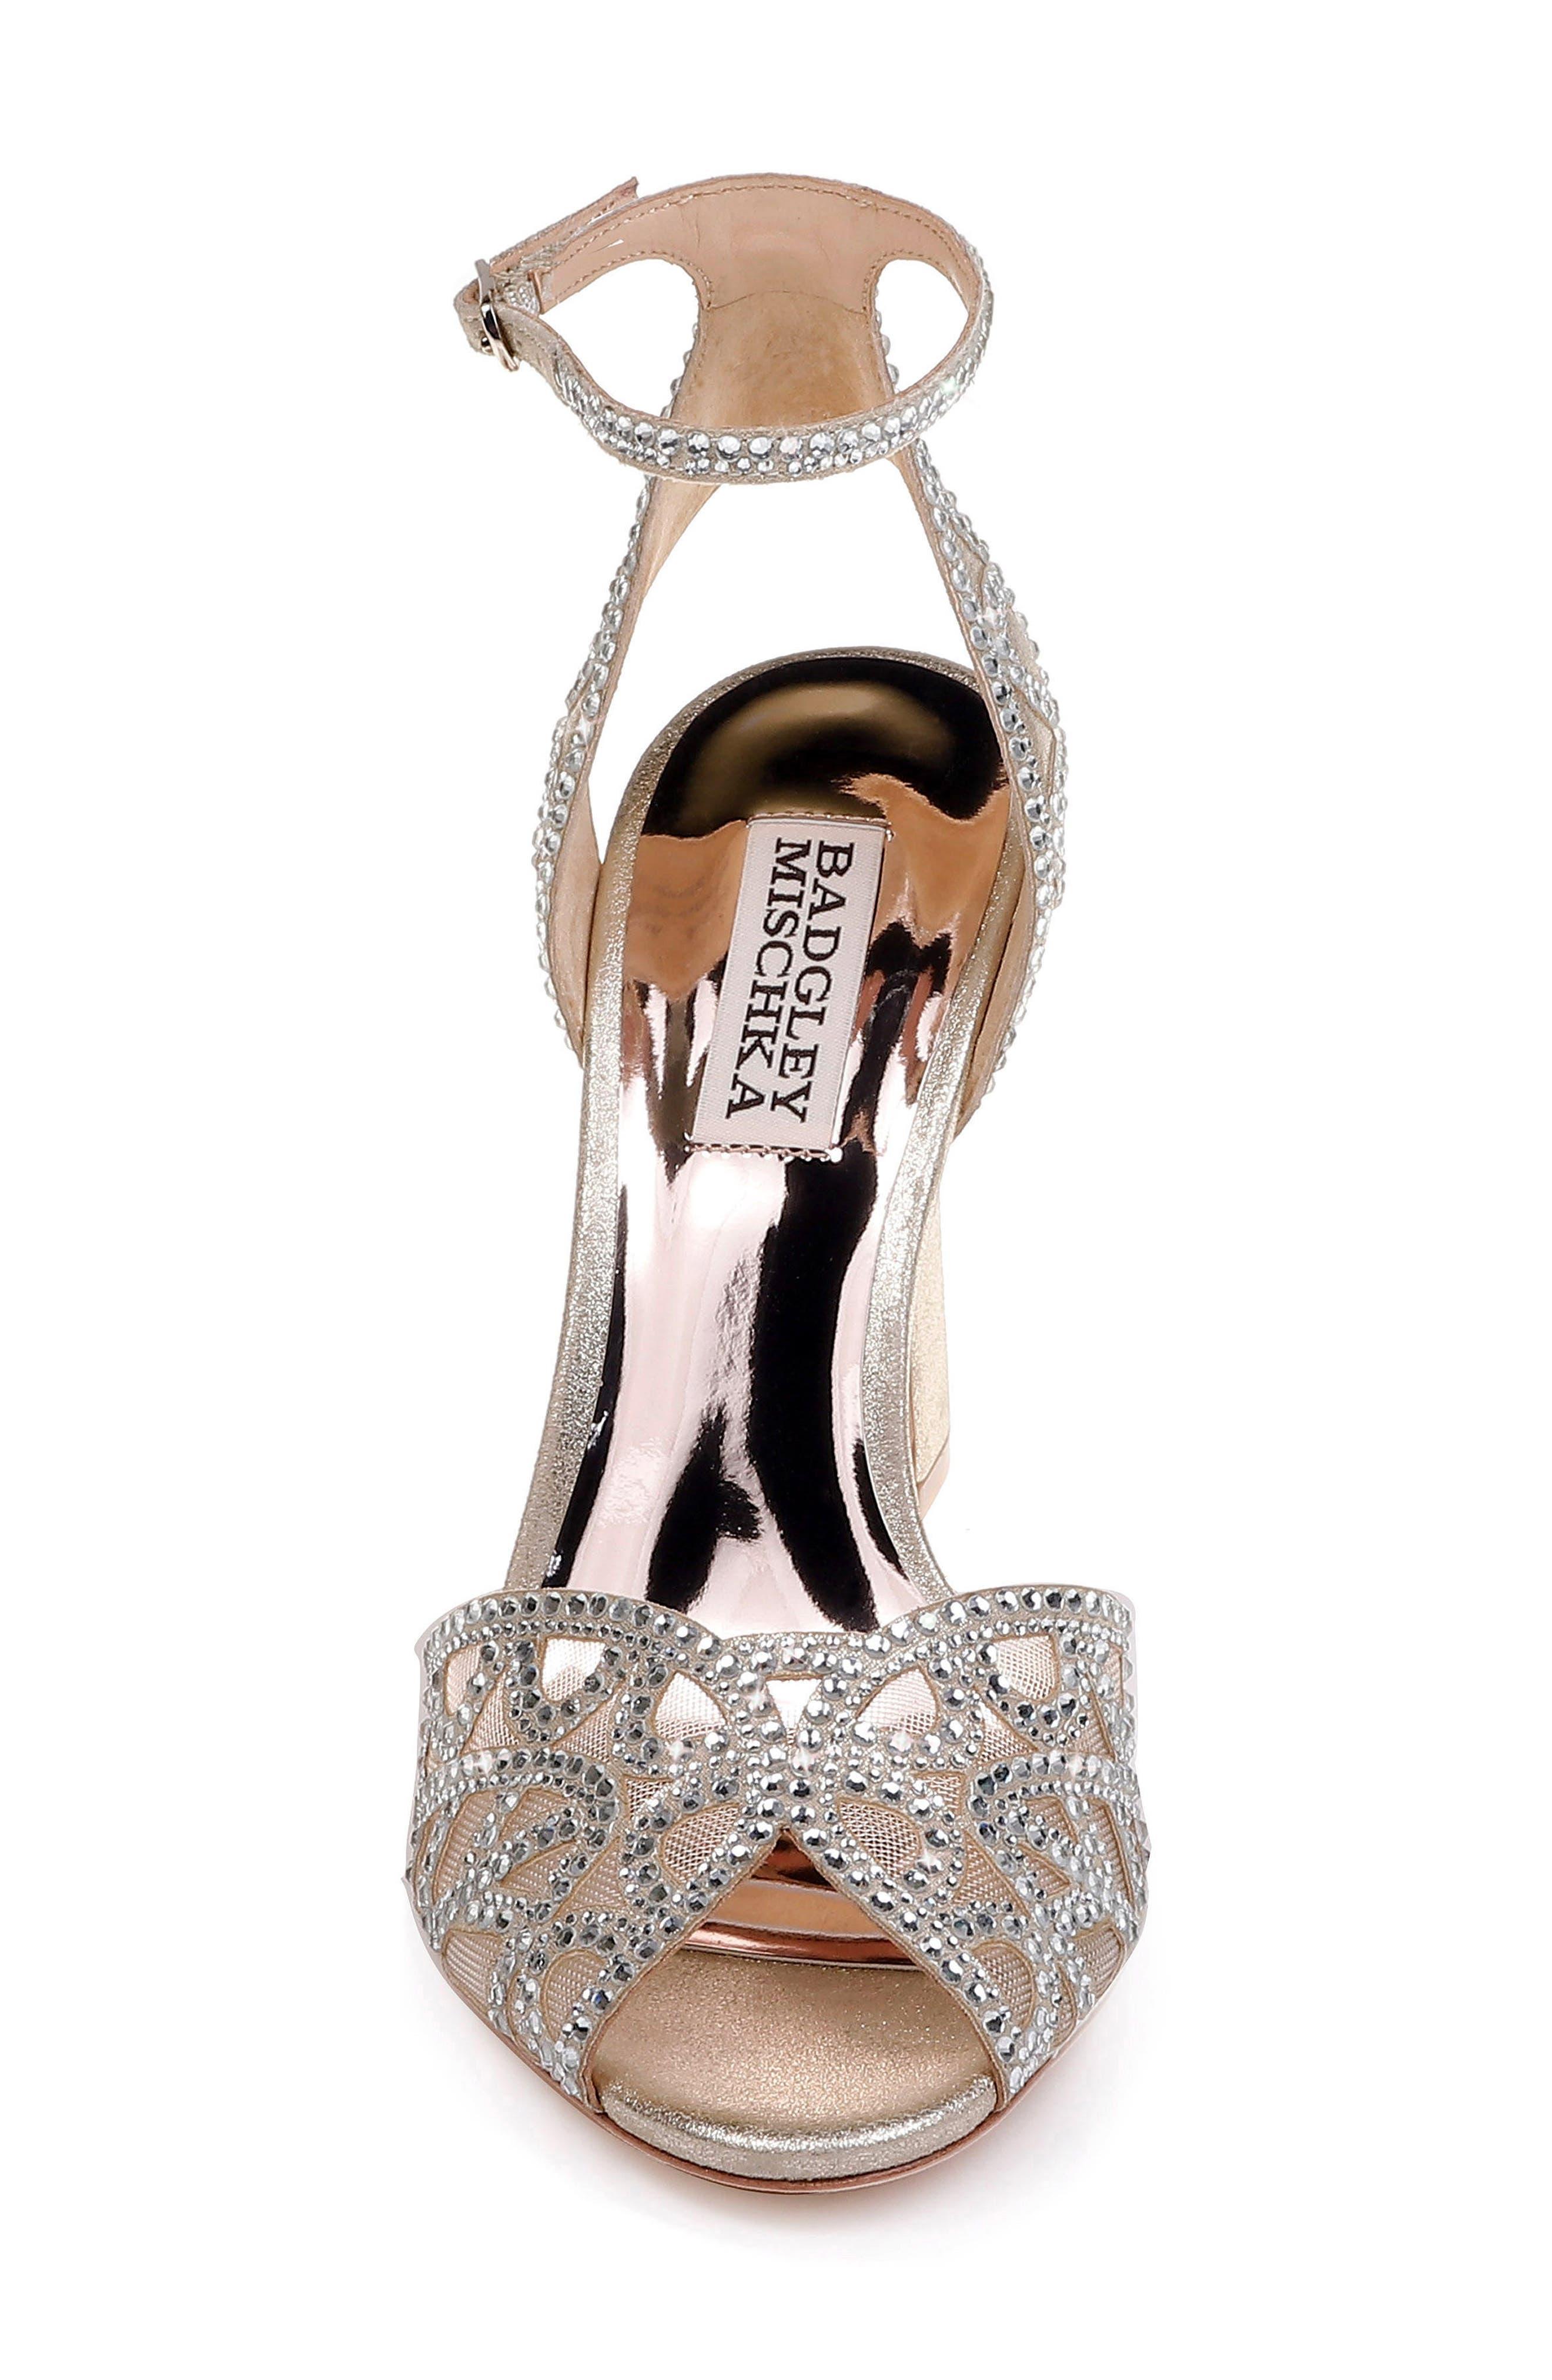 Badgley Mischka Hart Crystal Embellished Sandal,                             Alternate thumbnail 4, color,                             040